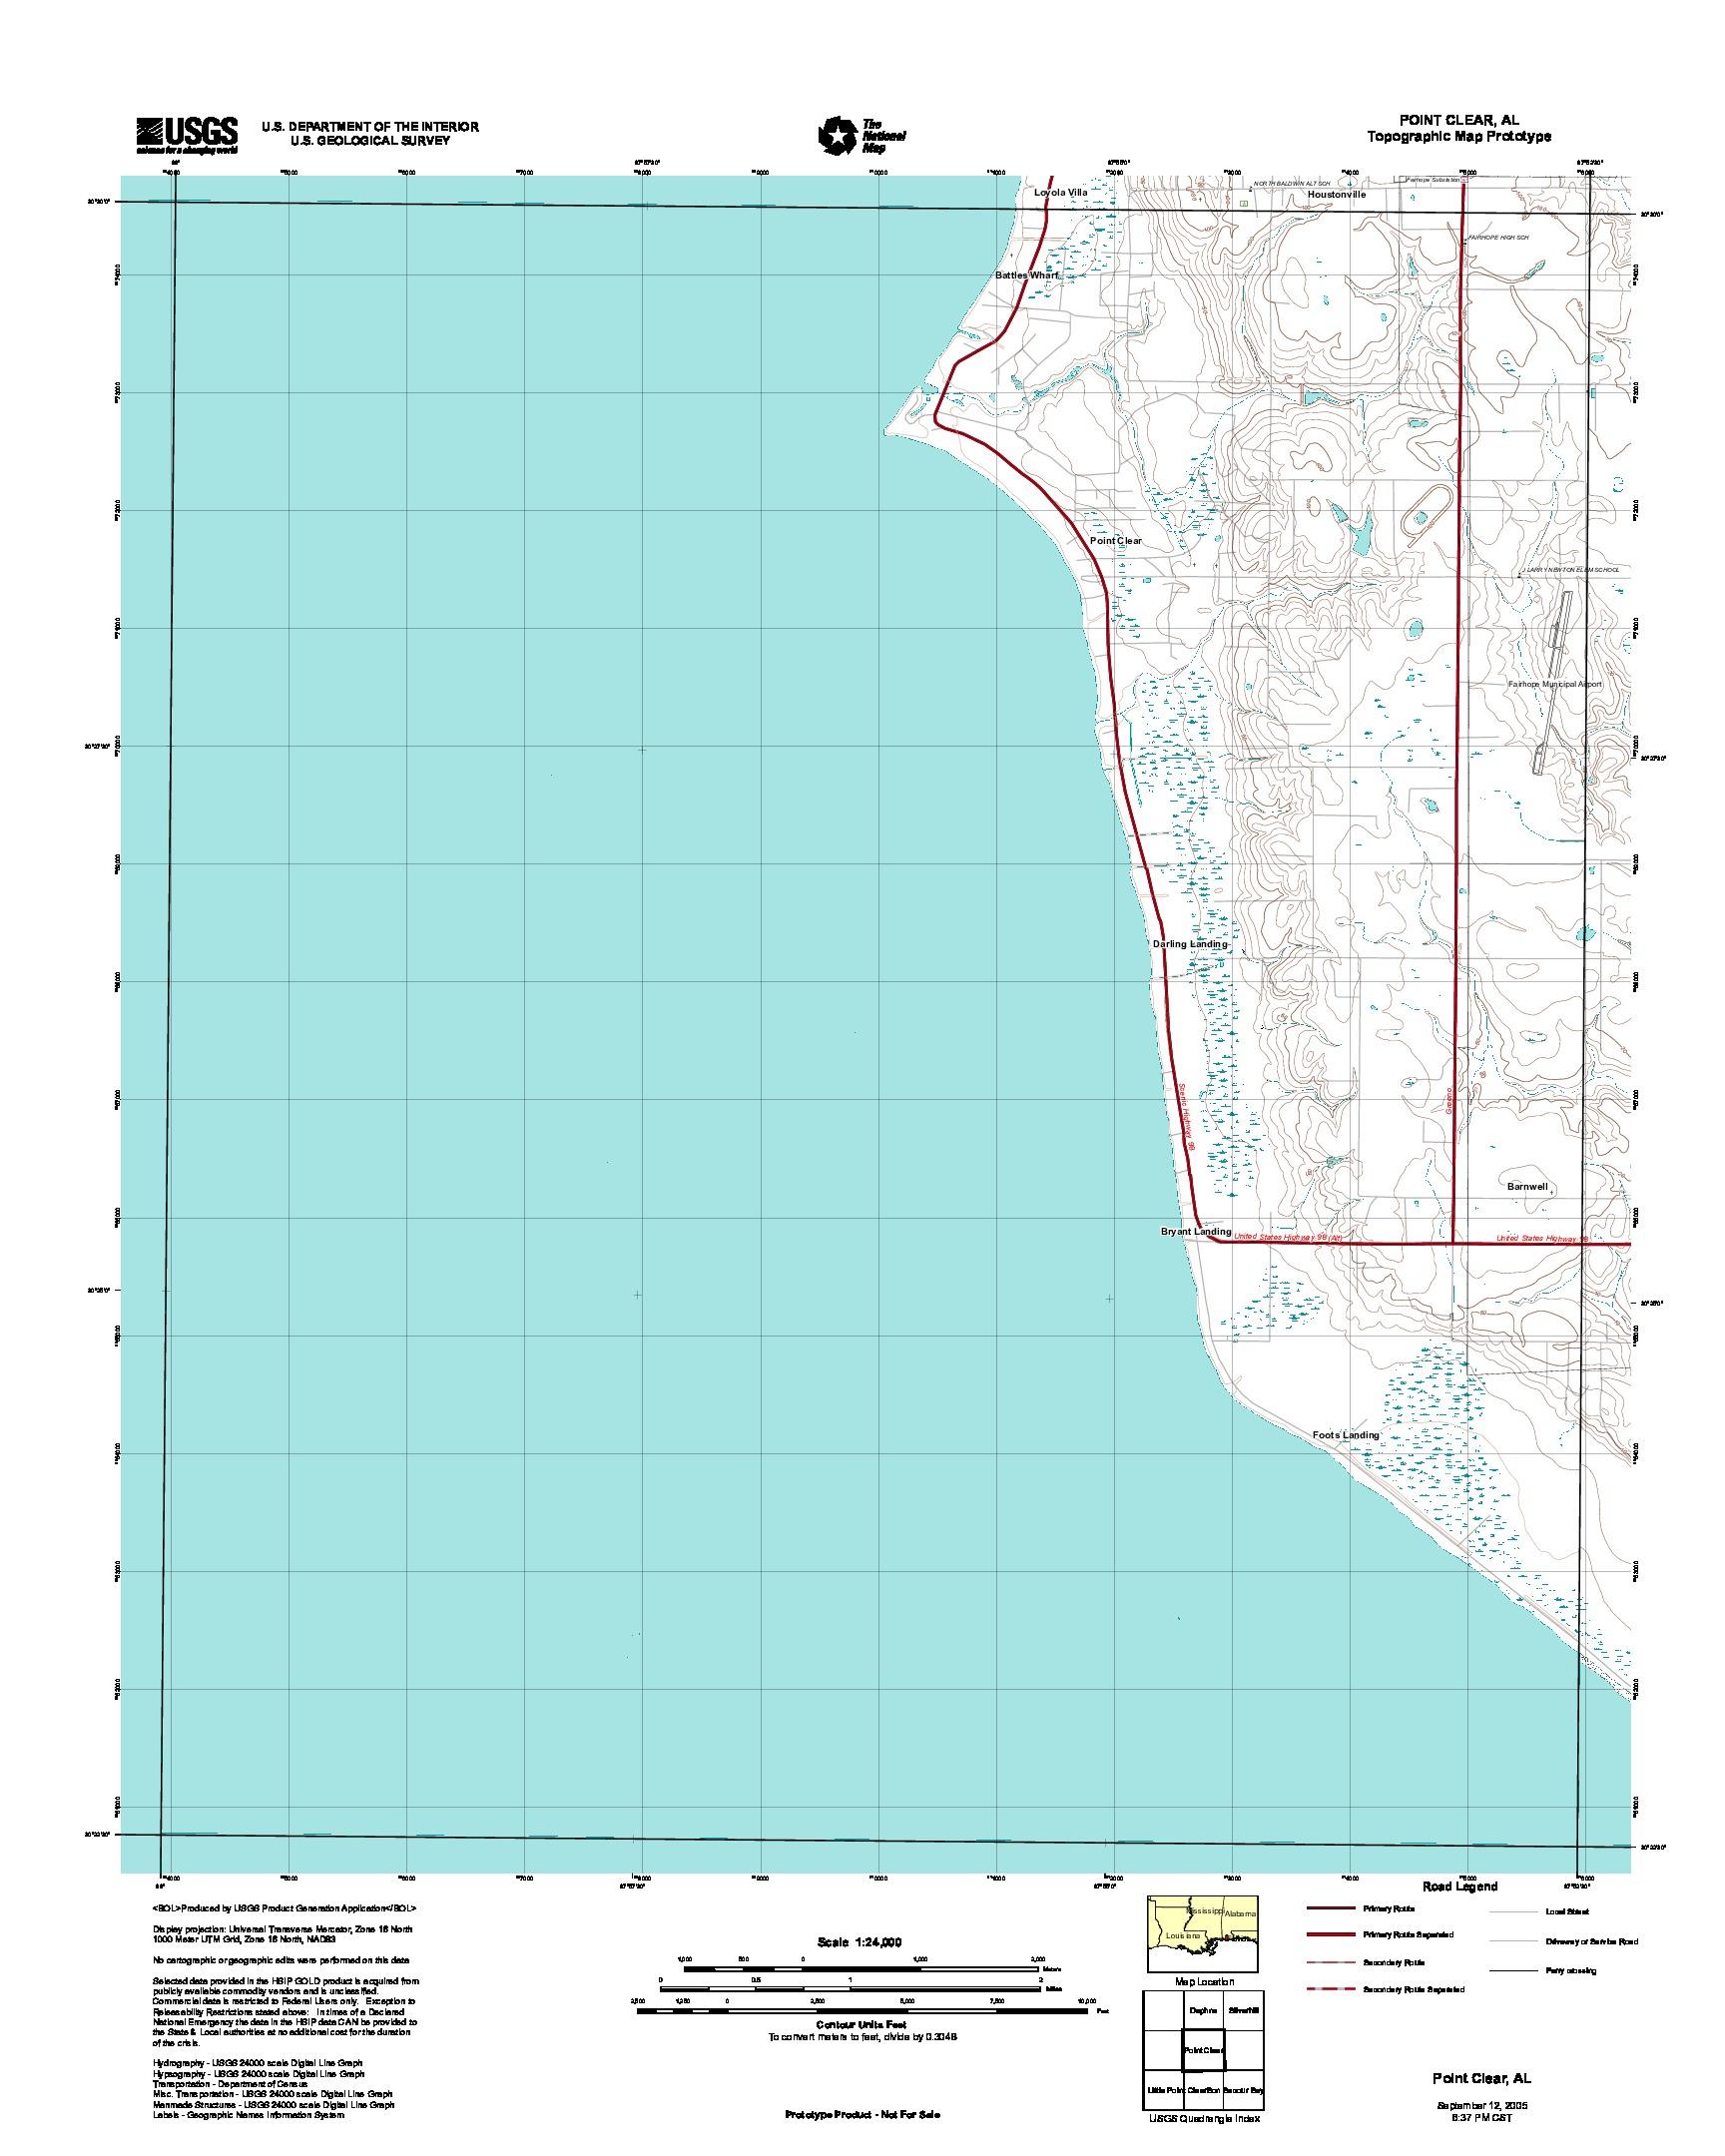 Prototipo de Mapa Topográfico de Point Clear, Alabama, Estados Unidos, Septiembre 12, 2005